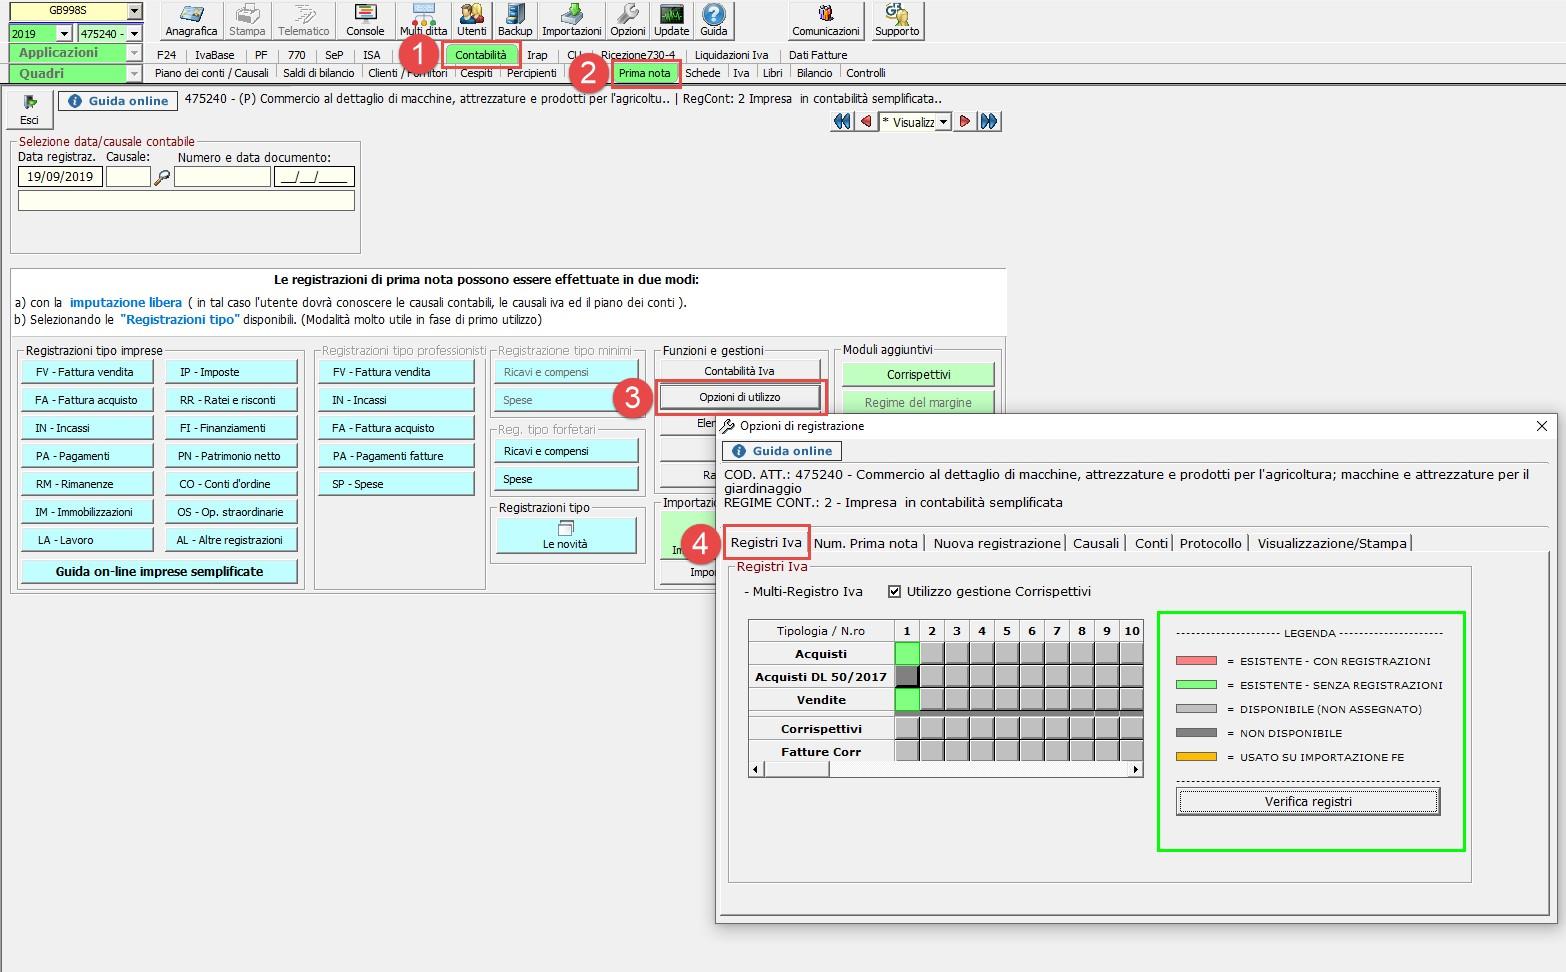 Contabilità: abilitazione di un nuovo registro IVA - 2